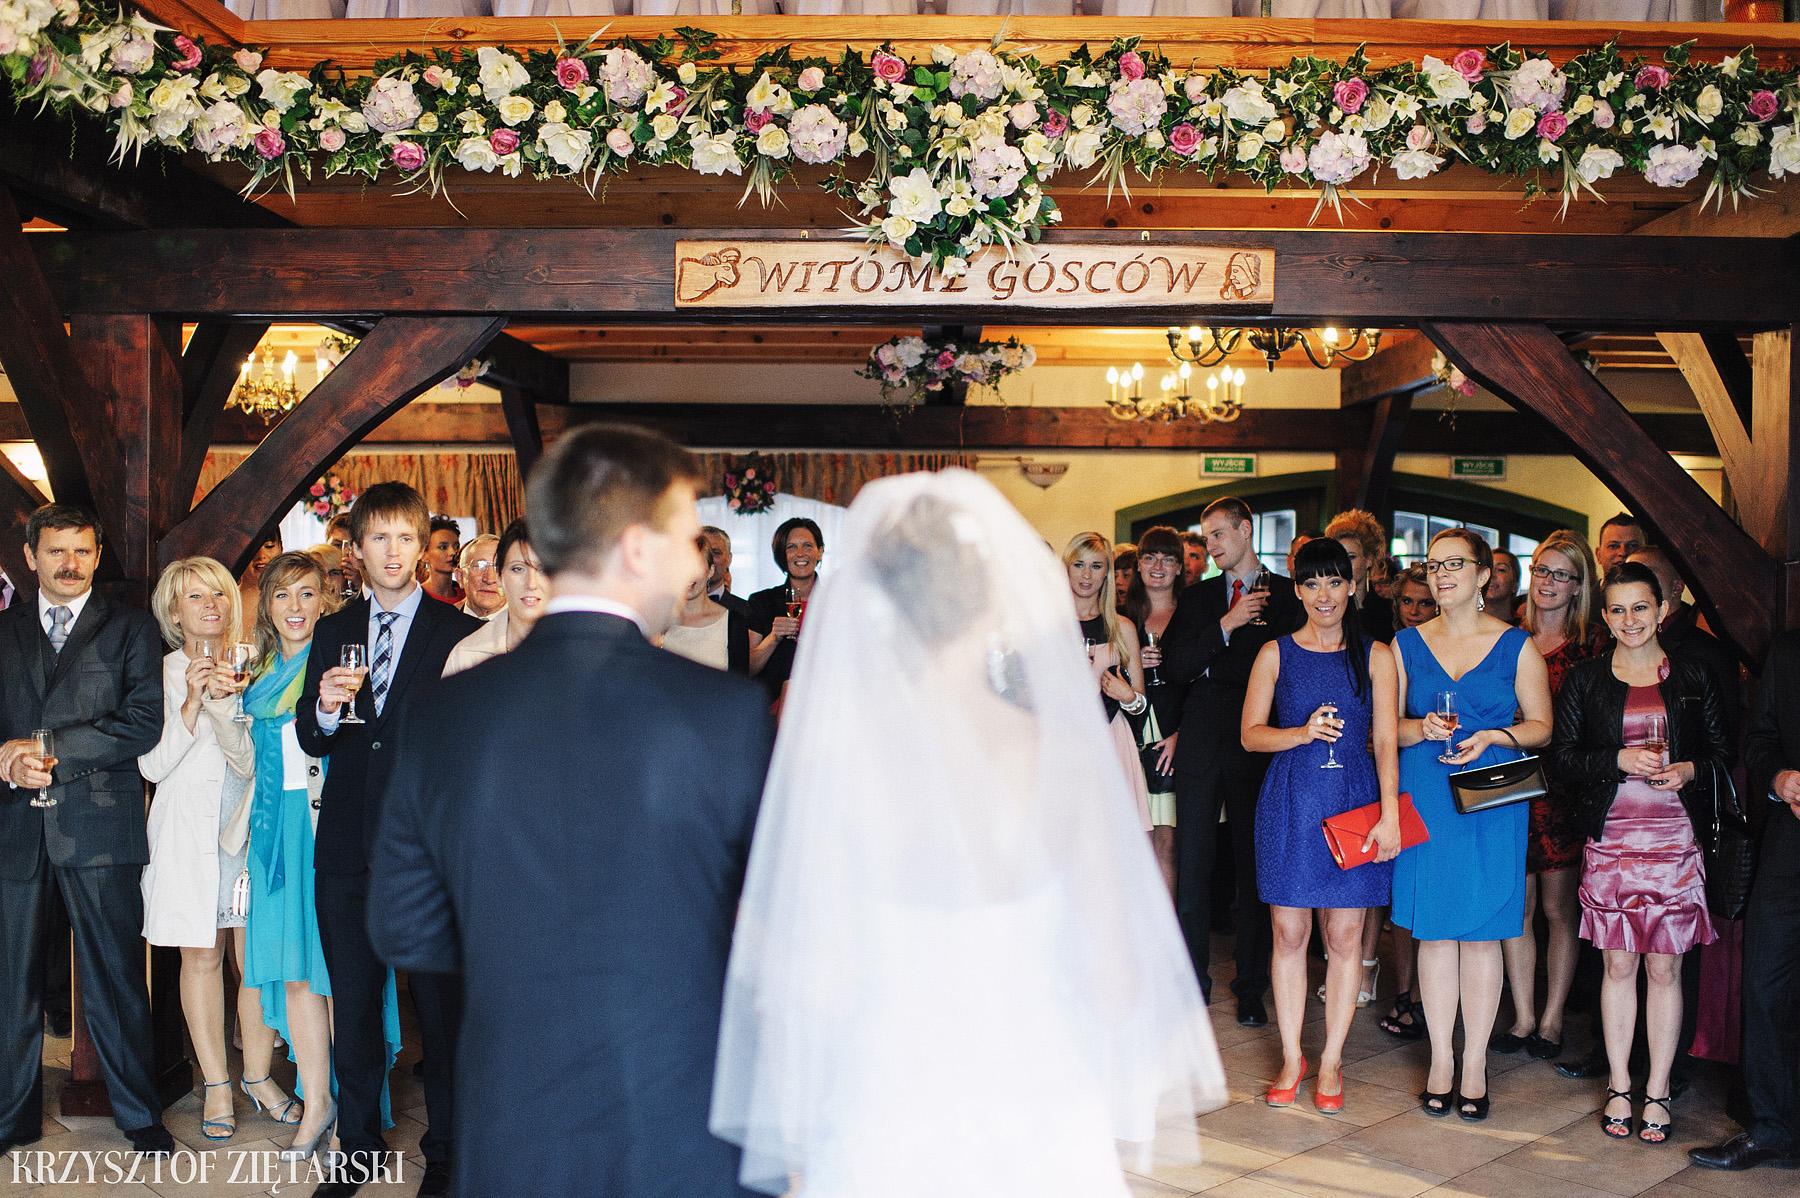 Karolina i Jacek - Fotografia ślubna Gdańsk, Chwaszczyno, Gościniec dla Przyjaciół Wyczechowo Hilary - 23.